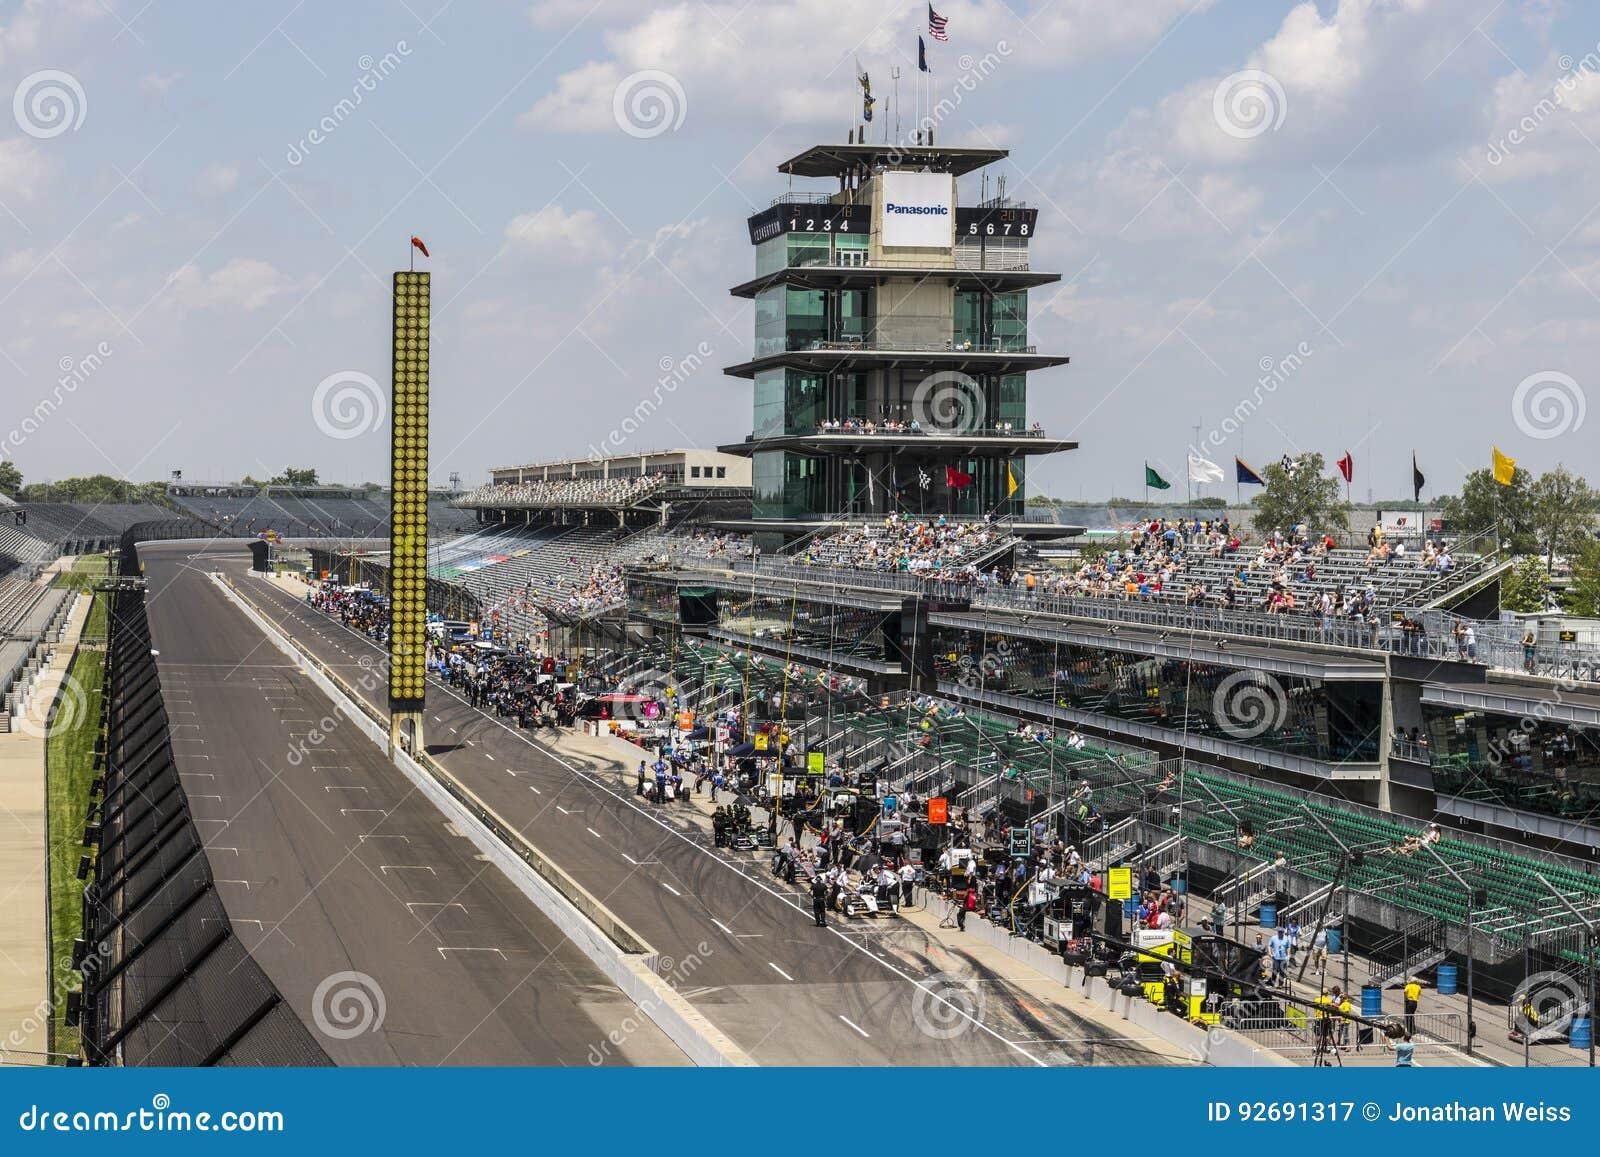 Indianapolis - cerca do maio de 2017: O pagode de Panasonic em Indianapolis Motor Speedway O IMS prepara para do Indy 500 IV